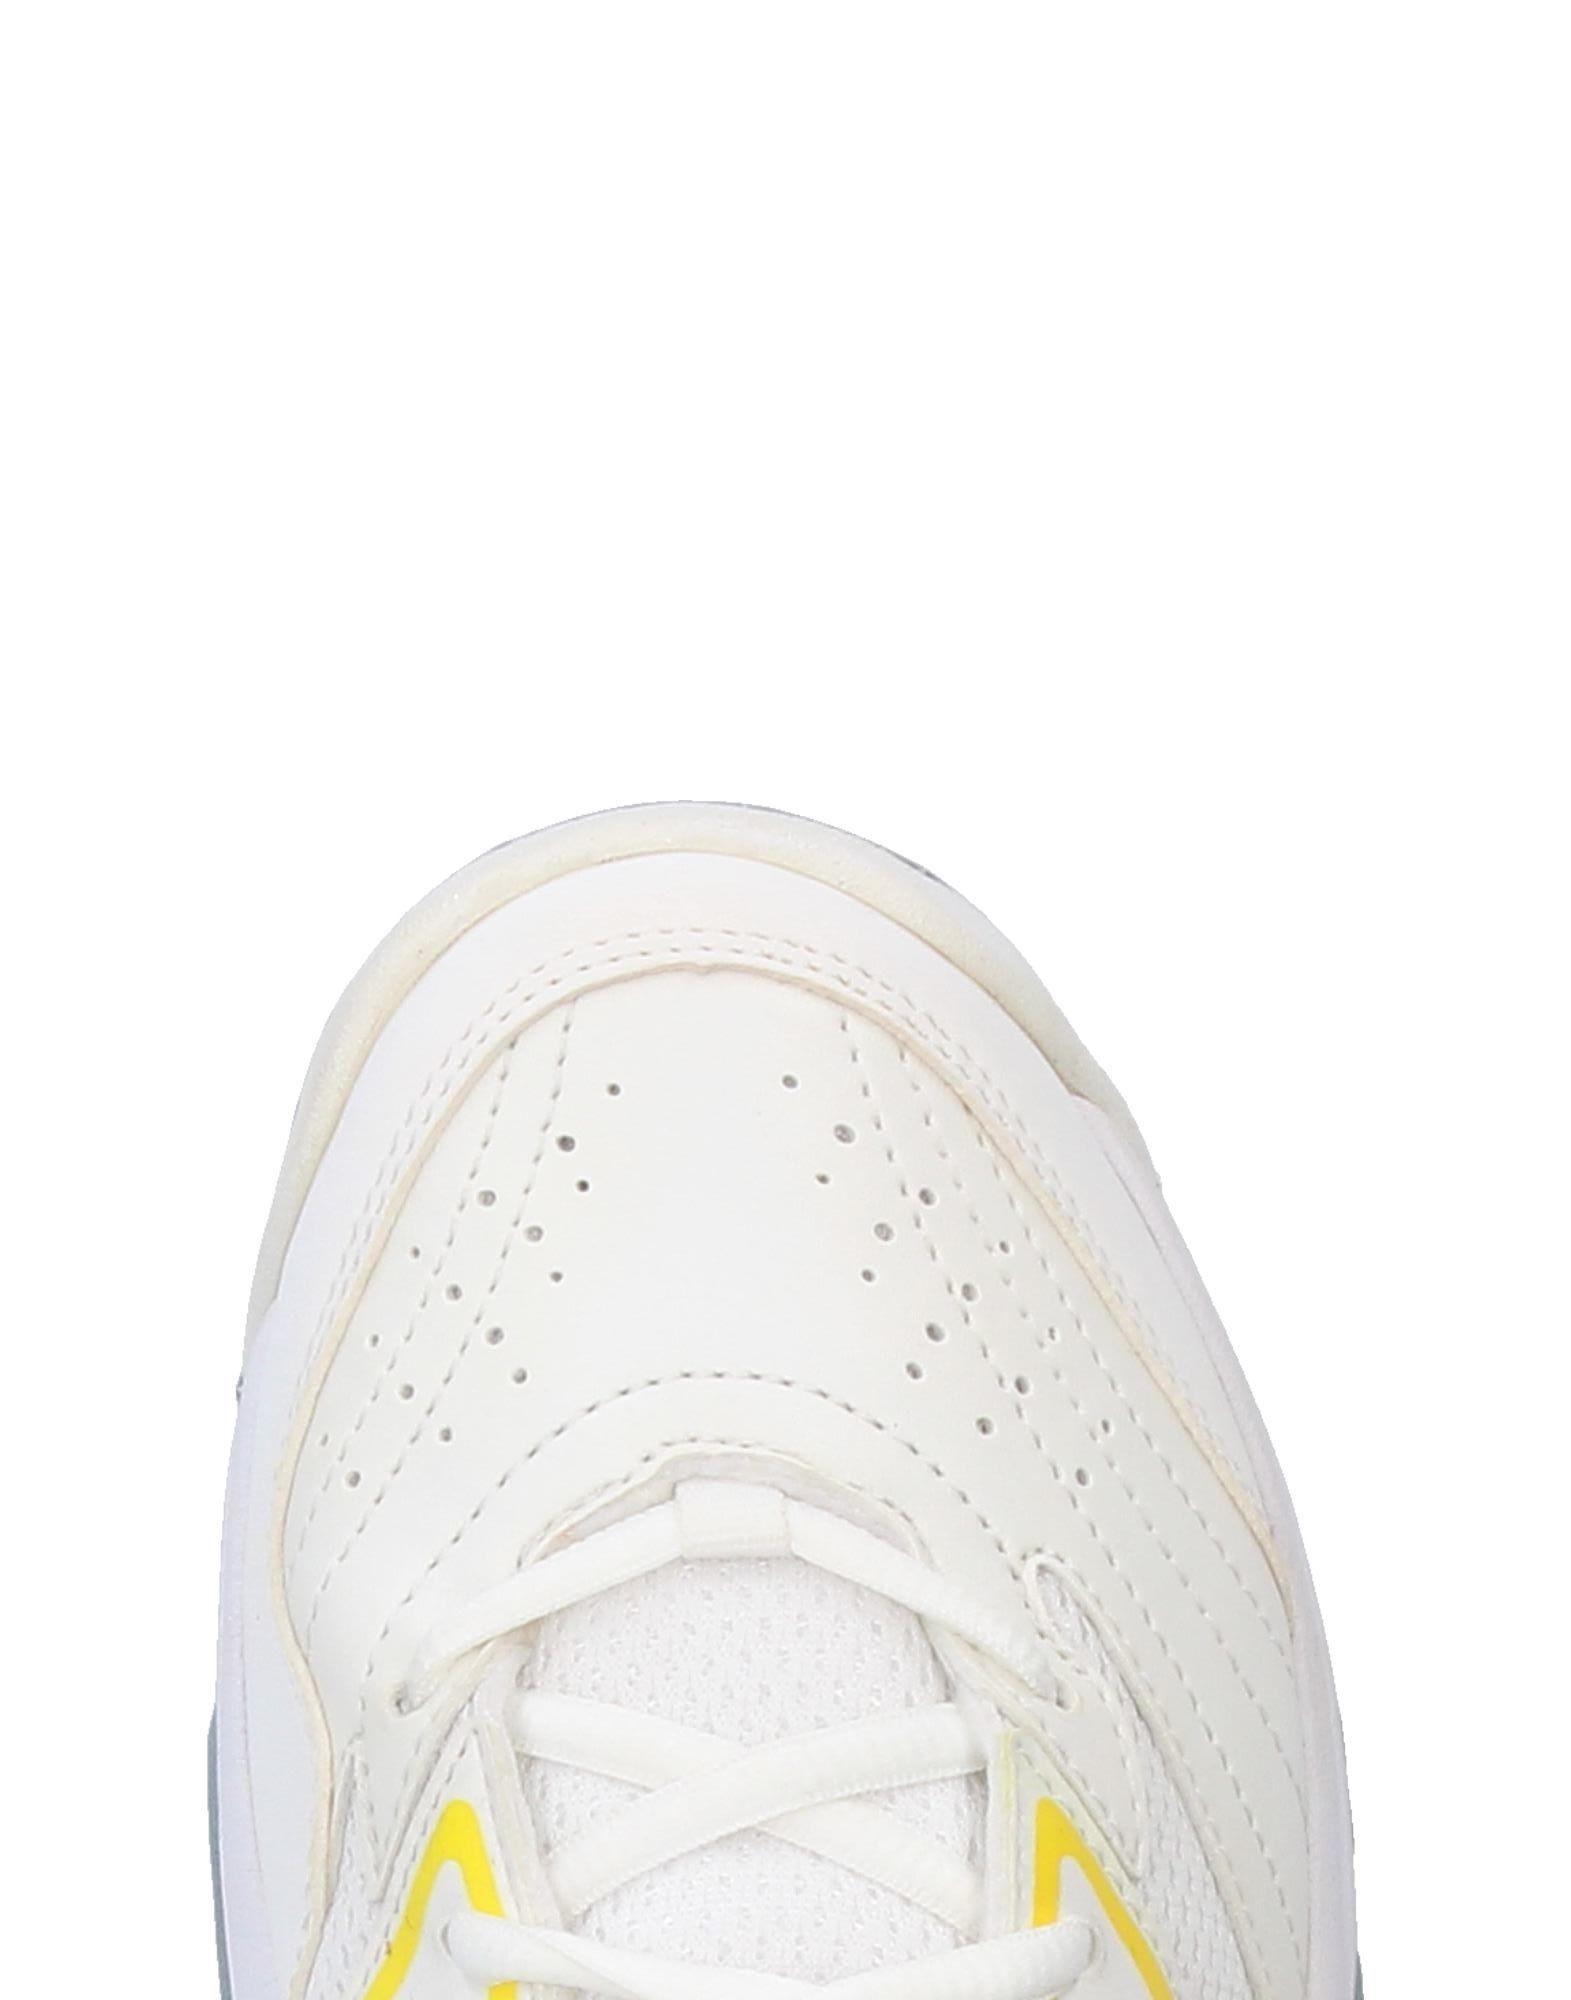 Adidas Sneakers Damen  11391680HL Gute Qualität beliebte beliebte beliebte Schuhe 17c7d8